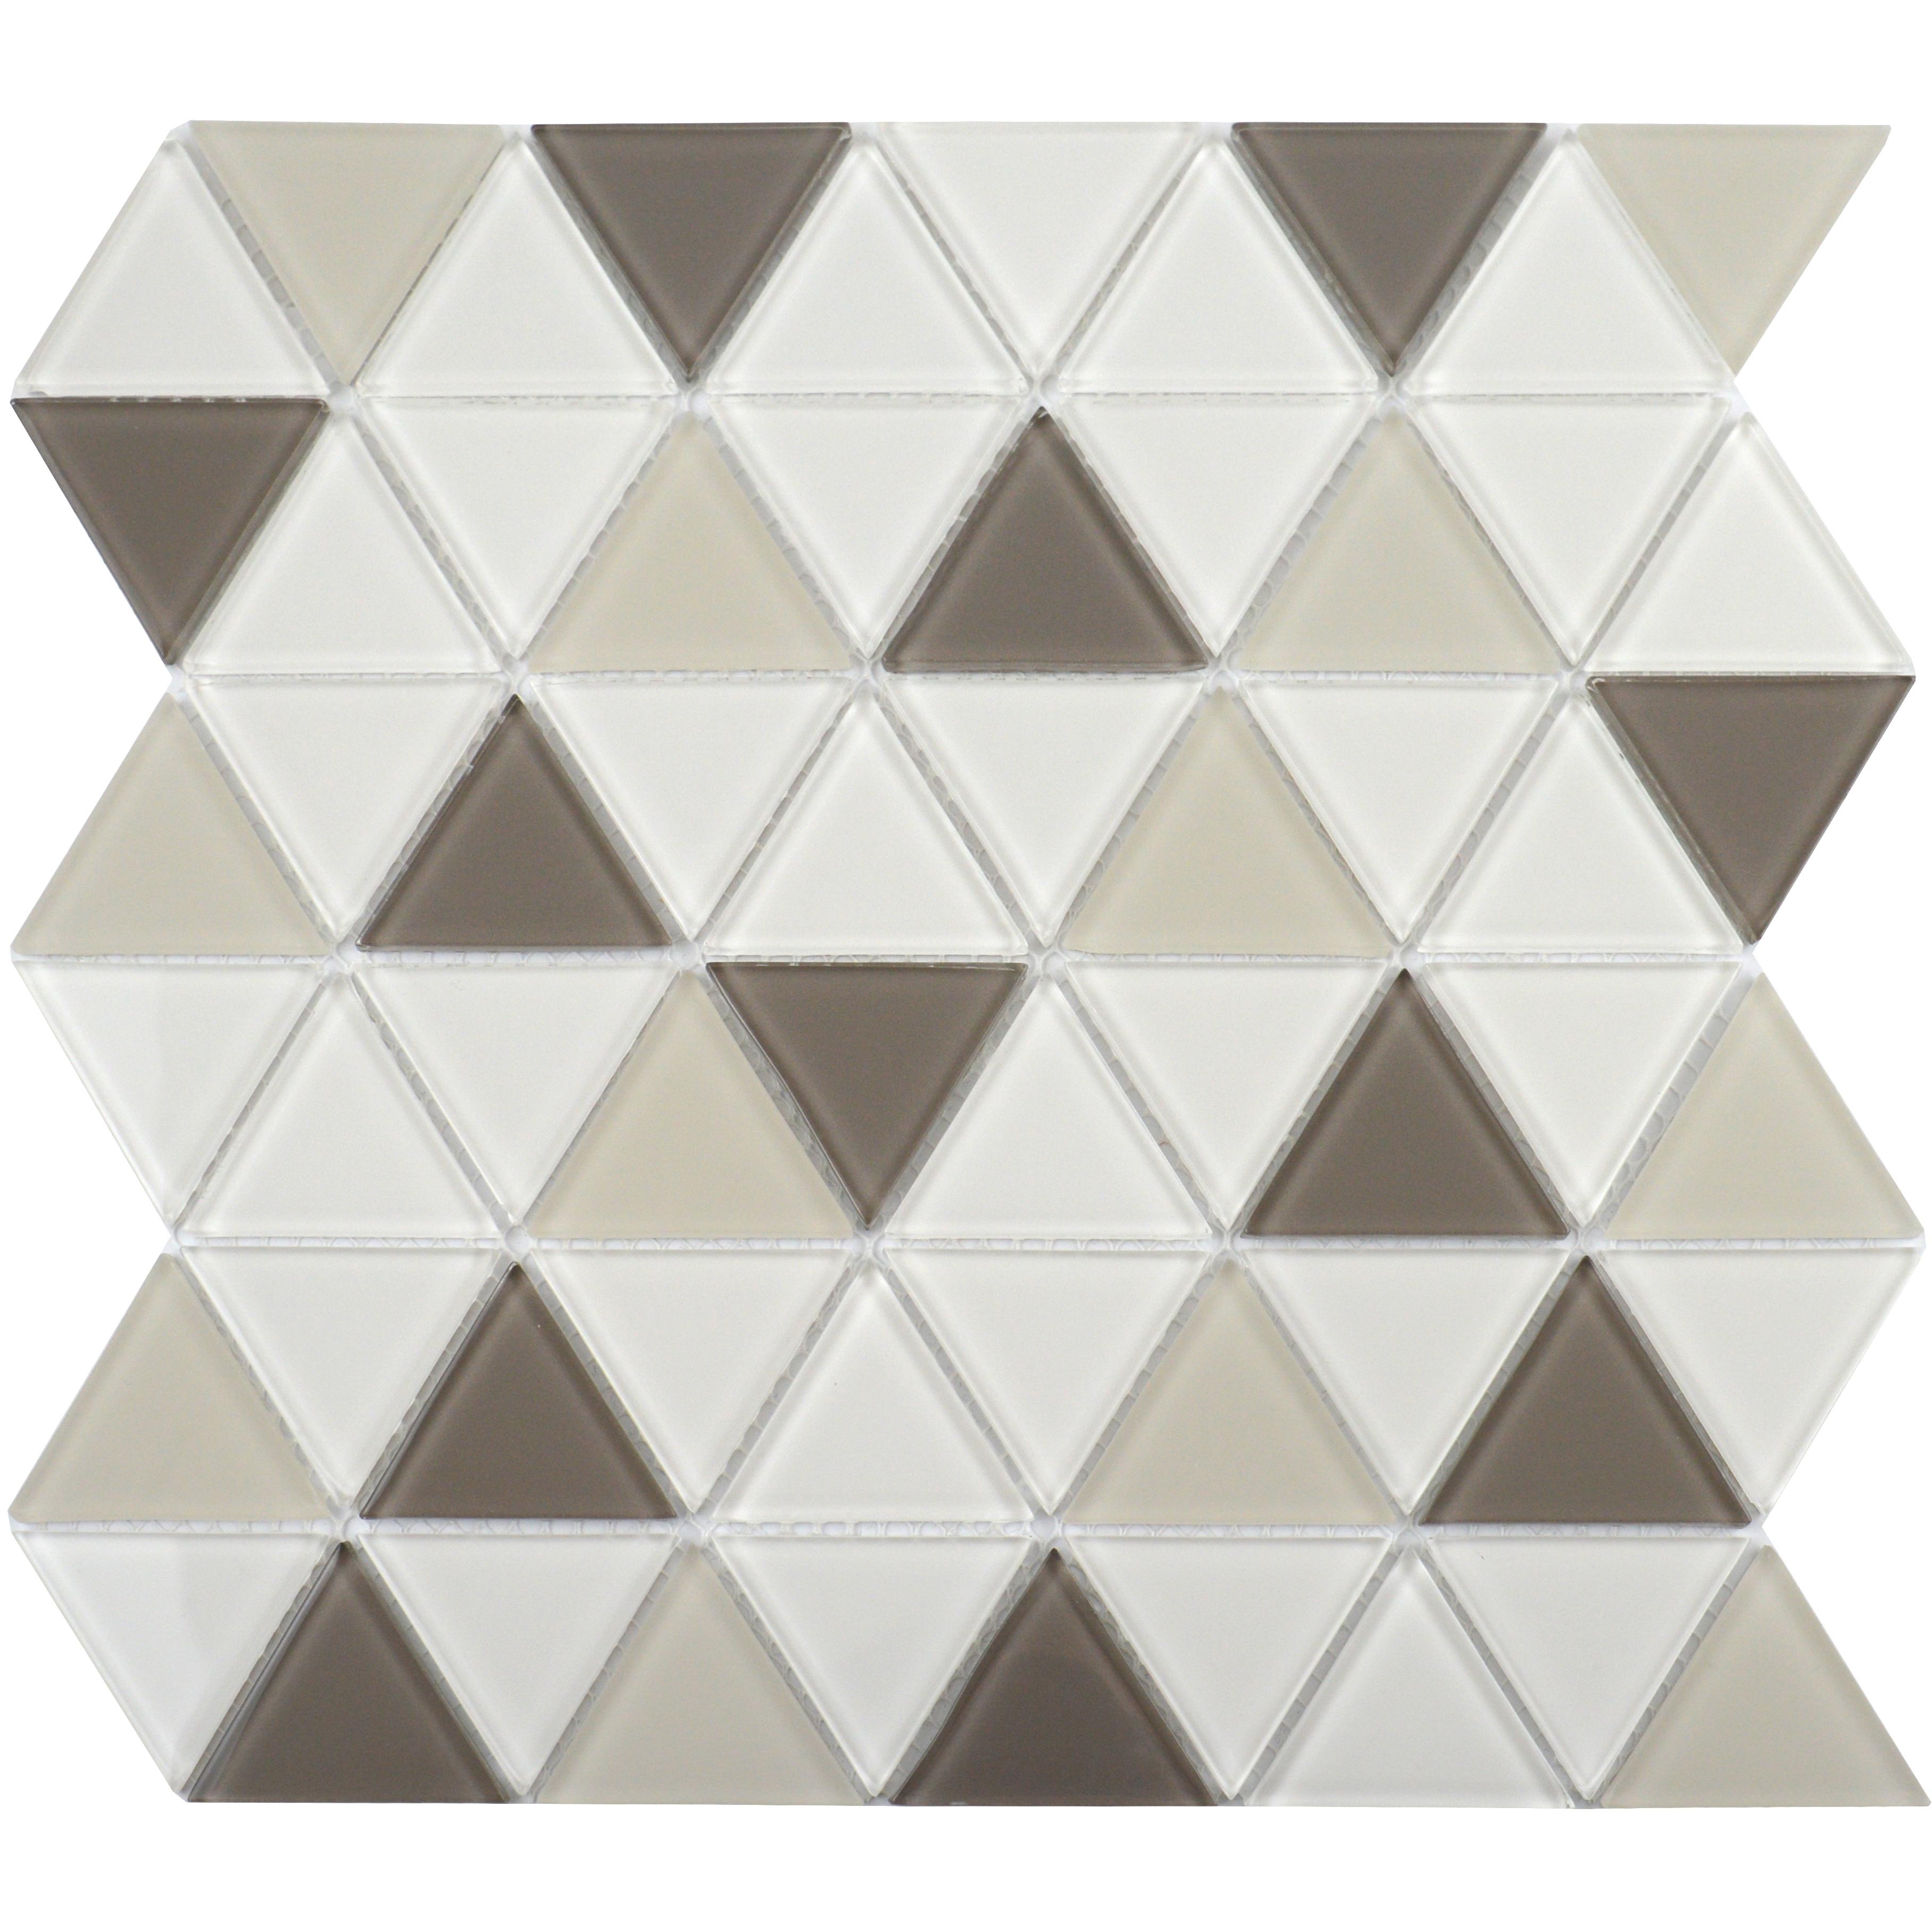 Ligo Glass Latte Triangle Mosaic Tiles